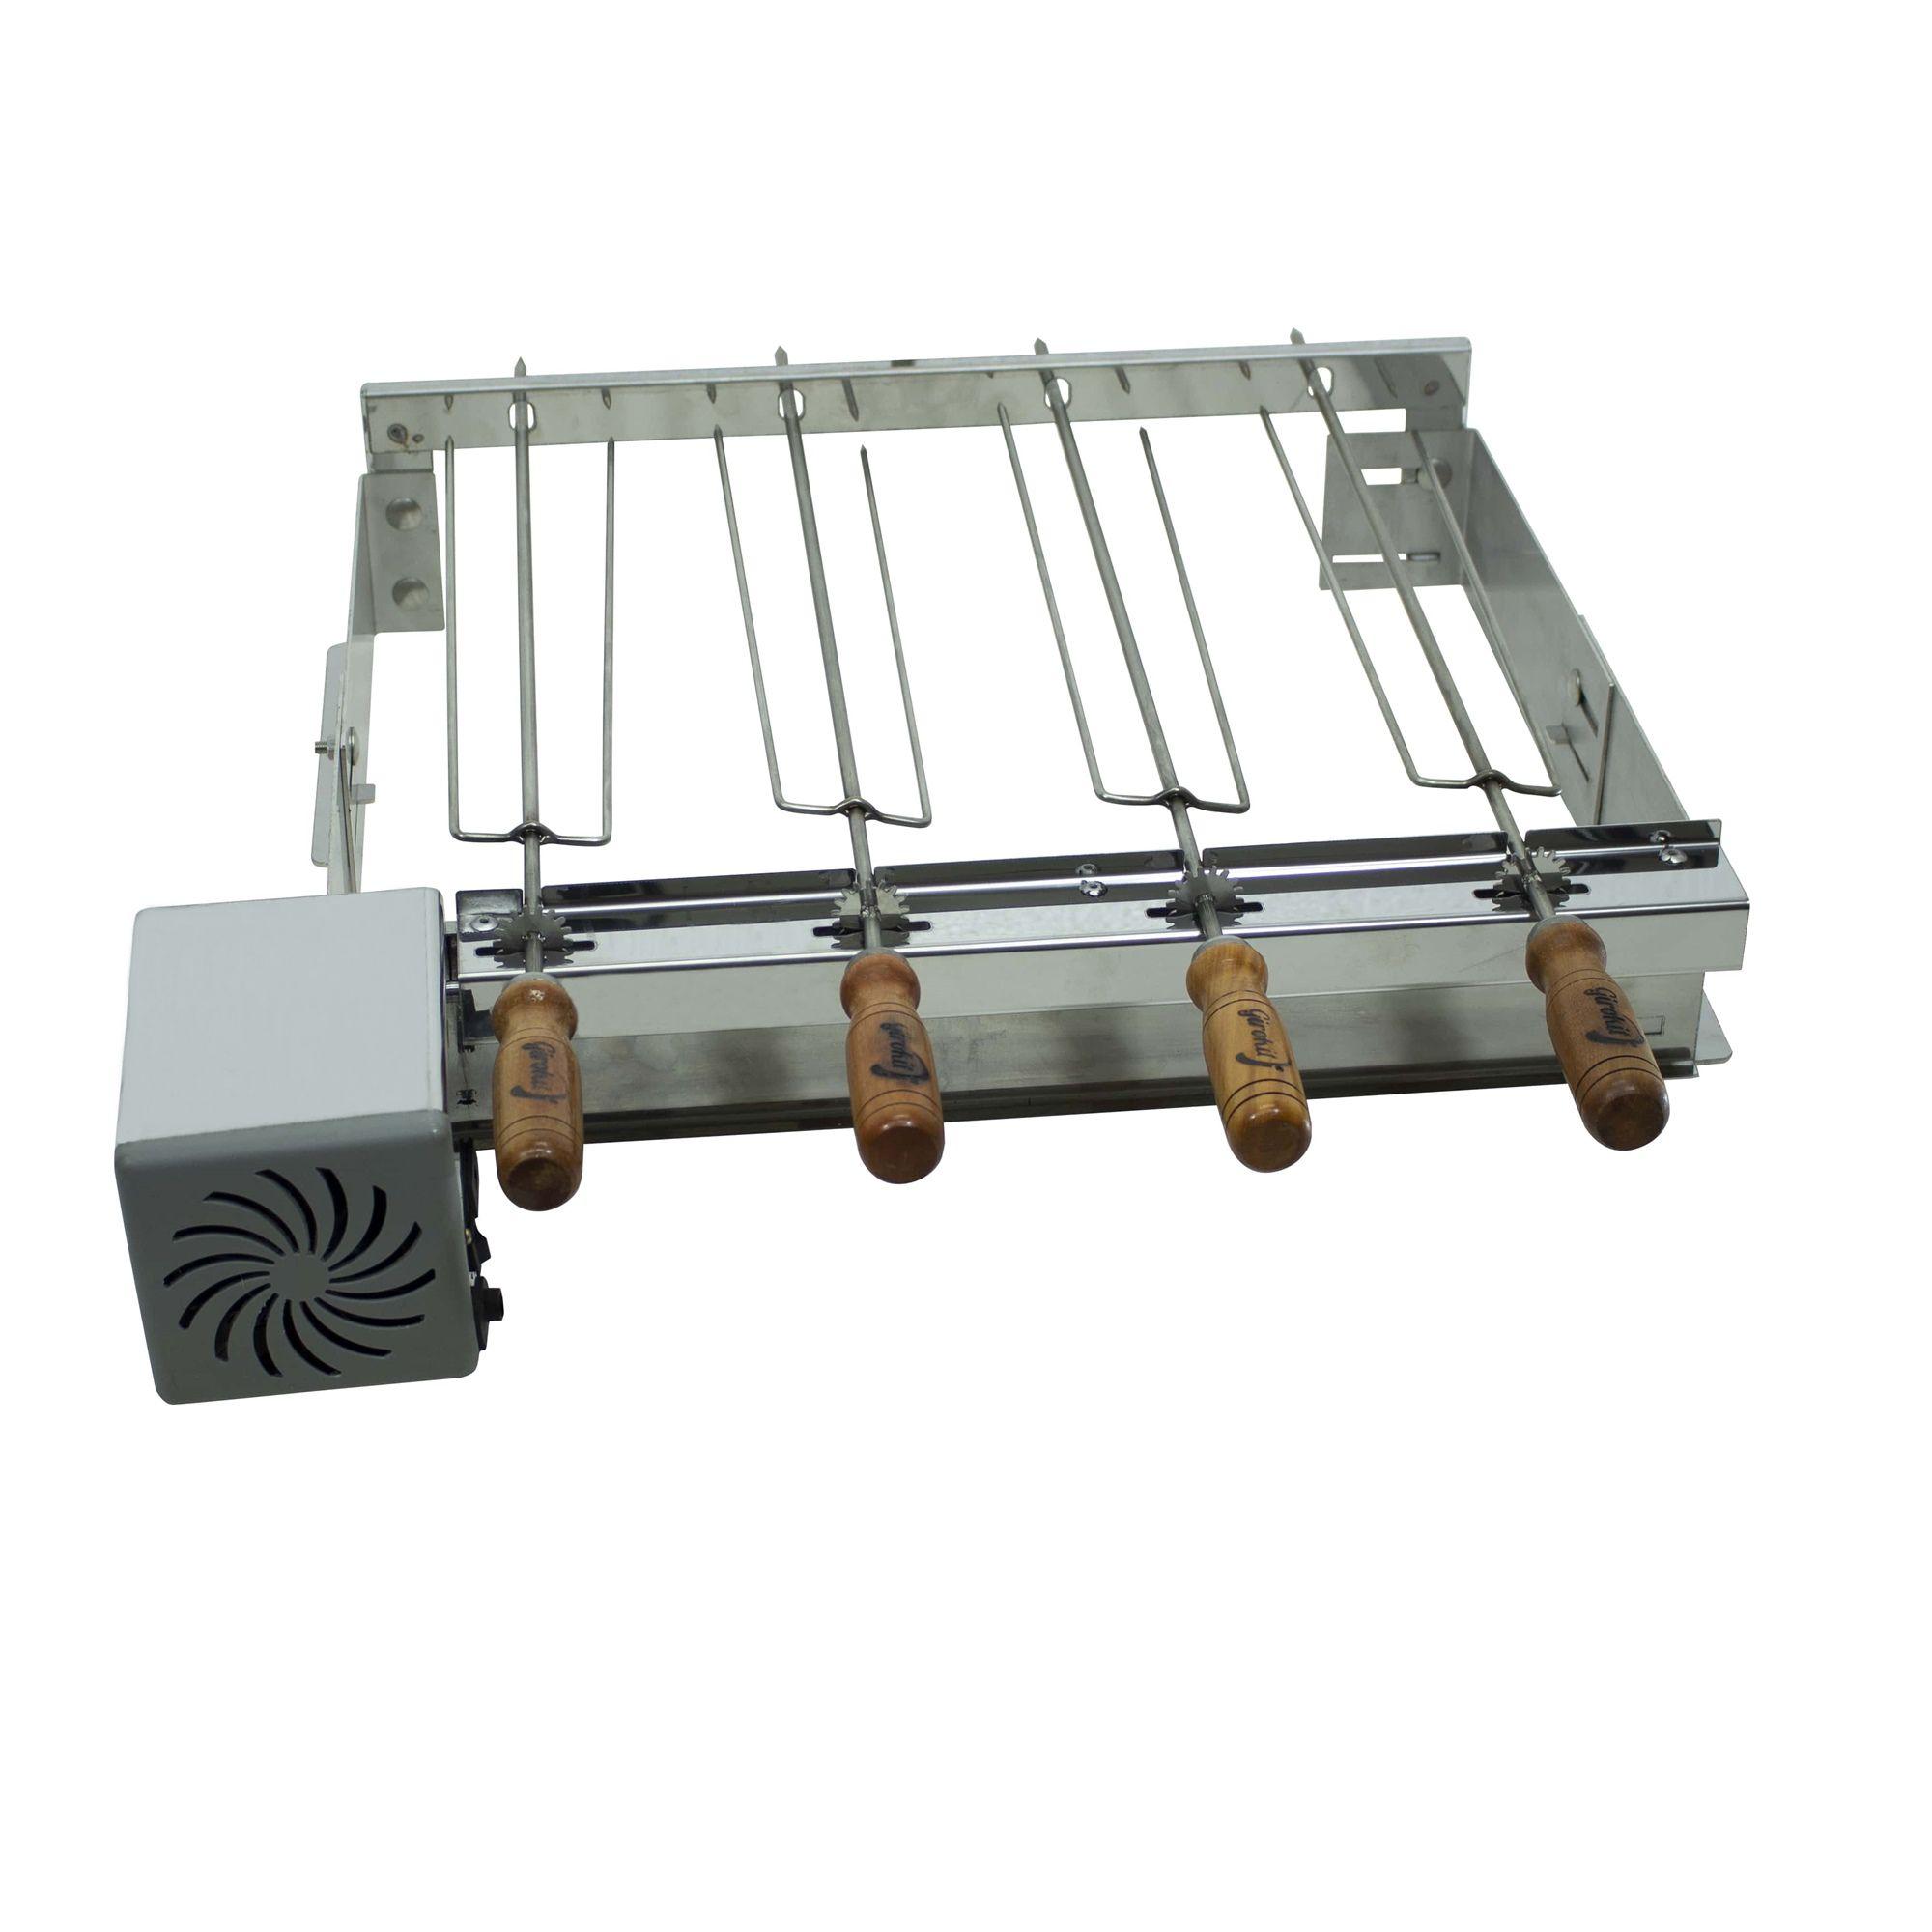 Churrasqueira de Inox Pre Moldada 4 Espetos Eletrica Giratória